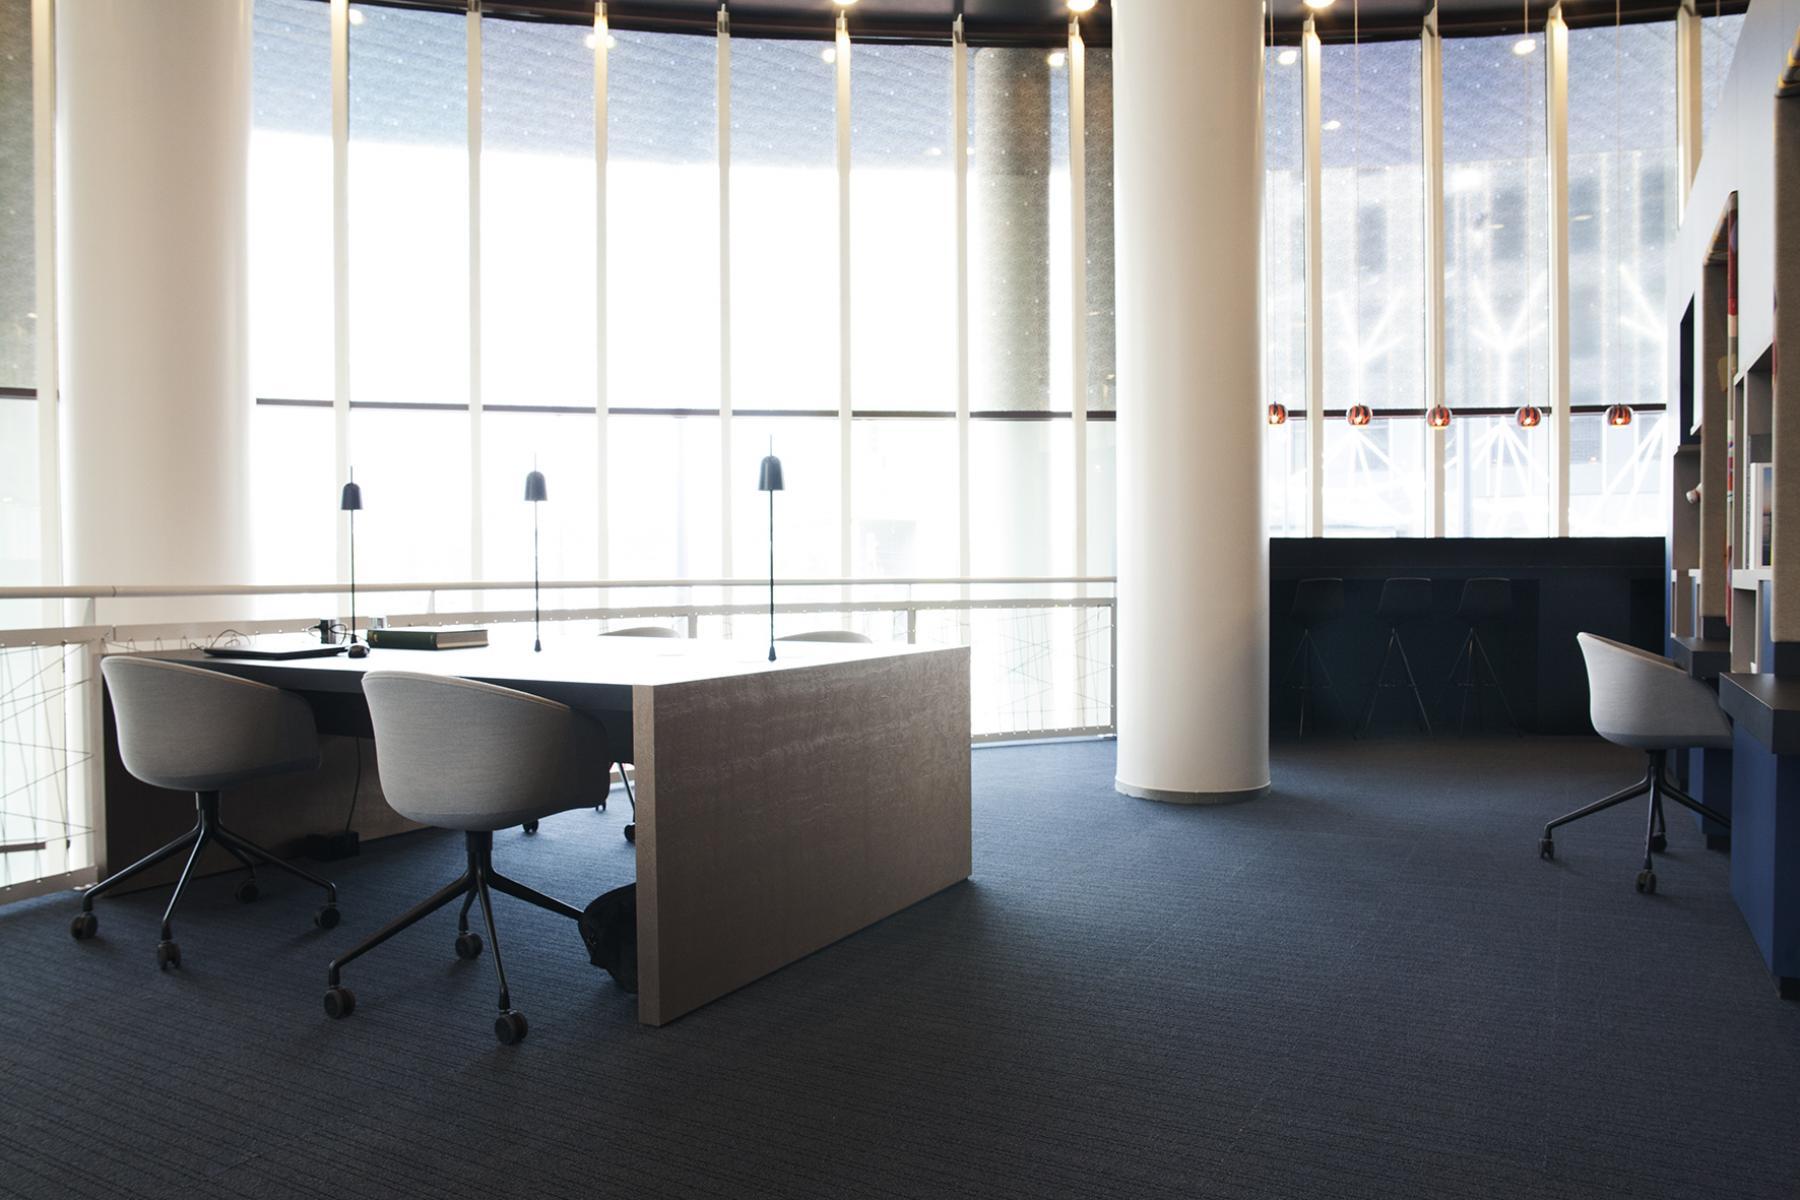 bureau tafel stoelen ramen licht